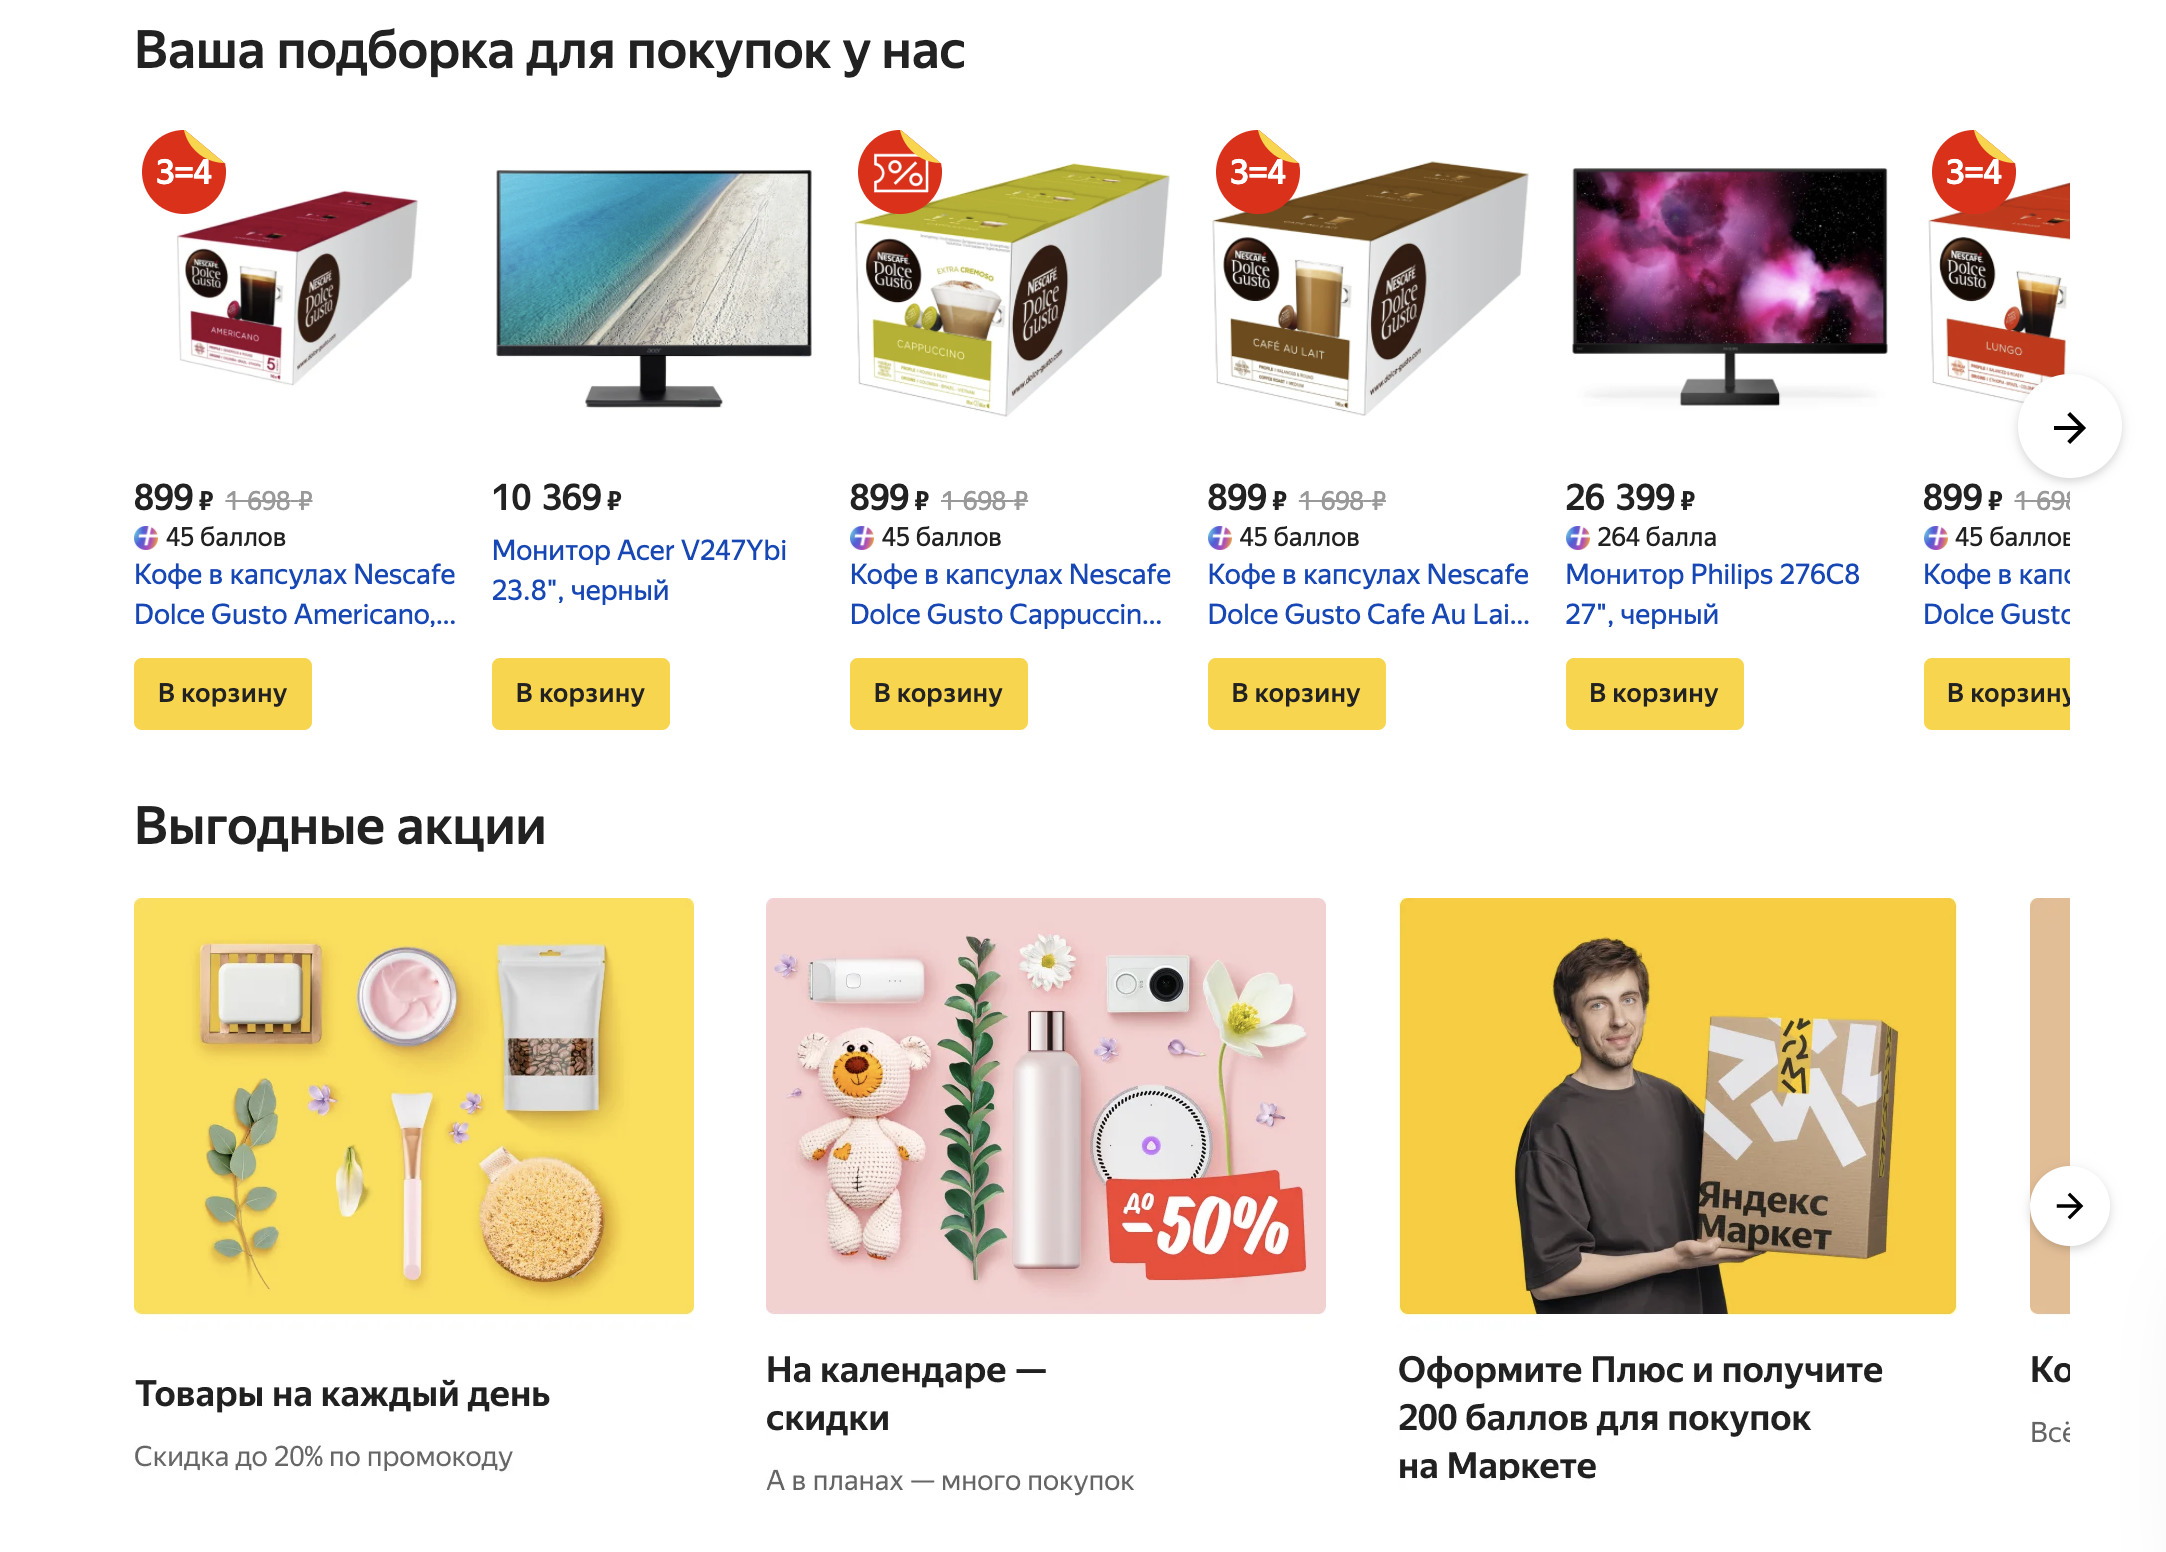 Доставка из Яндекс.Маркет в Новосибирск, сроки, пункты выдачи, каталог